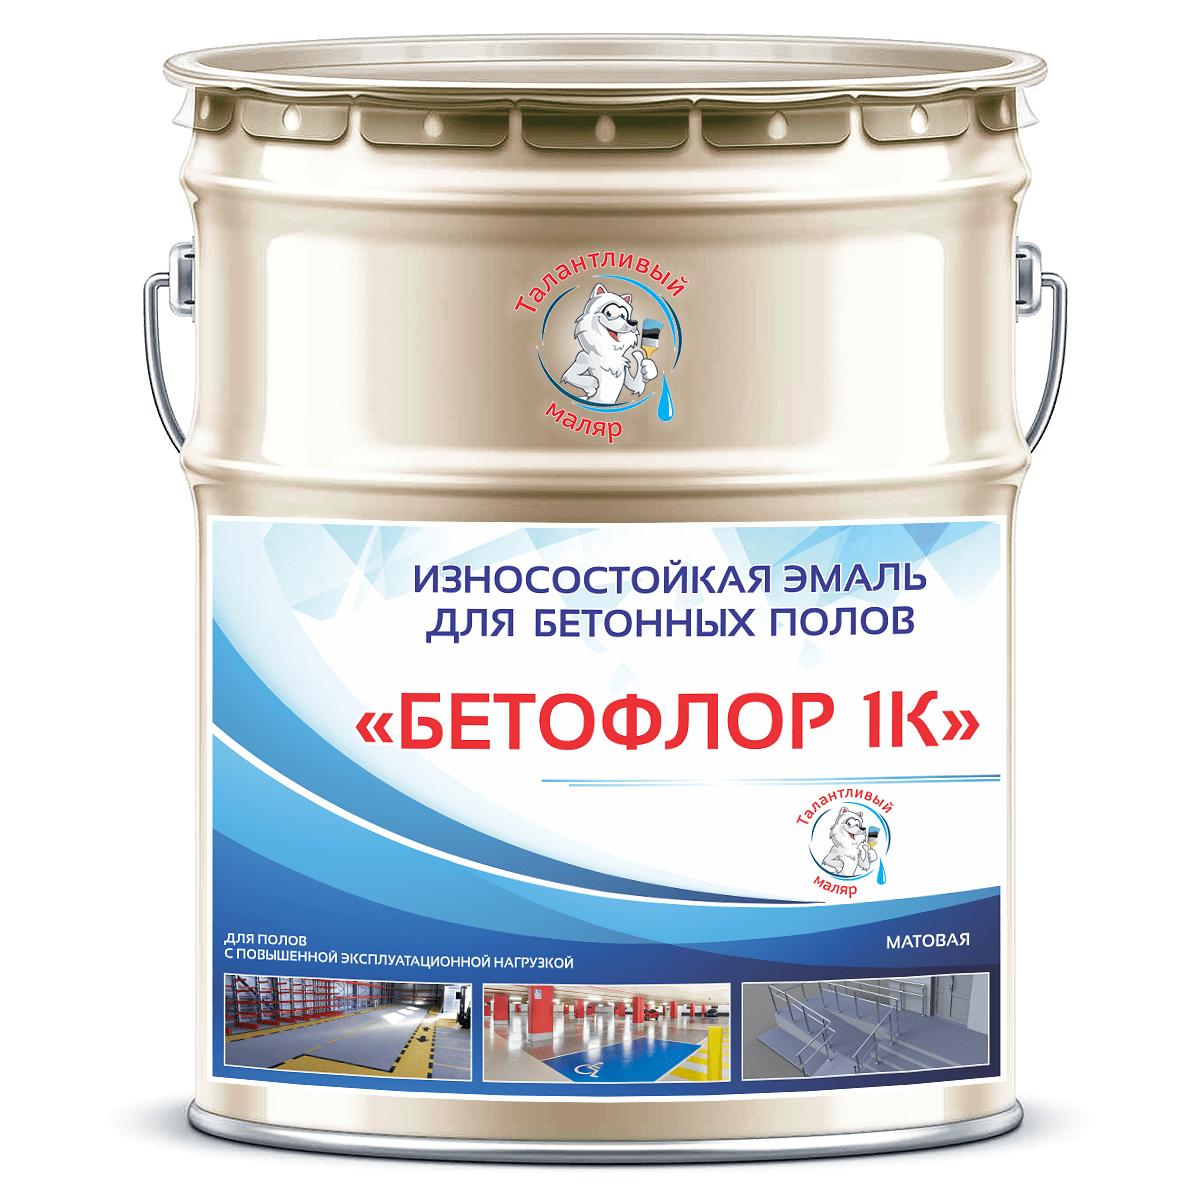 """Фото 1 - BF9001 Эмаль для бетонных полов """"Бетофлор"""" 1К цвет RAL 9001 Белый крем, матовая износостойкая, 25 кг """"Талантливый Маляр""""."""